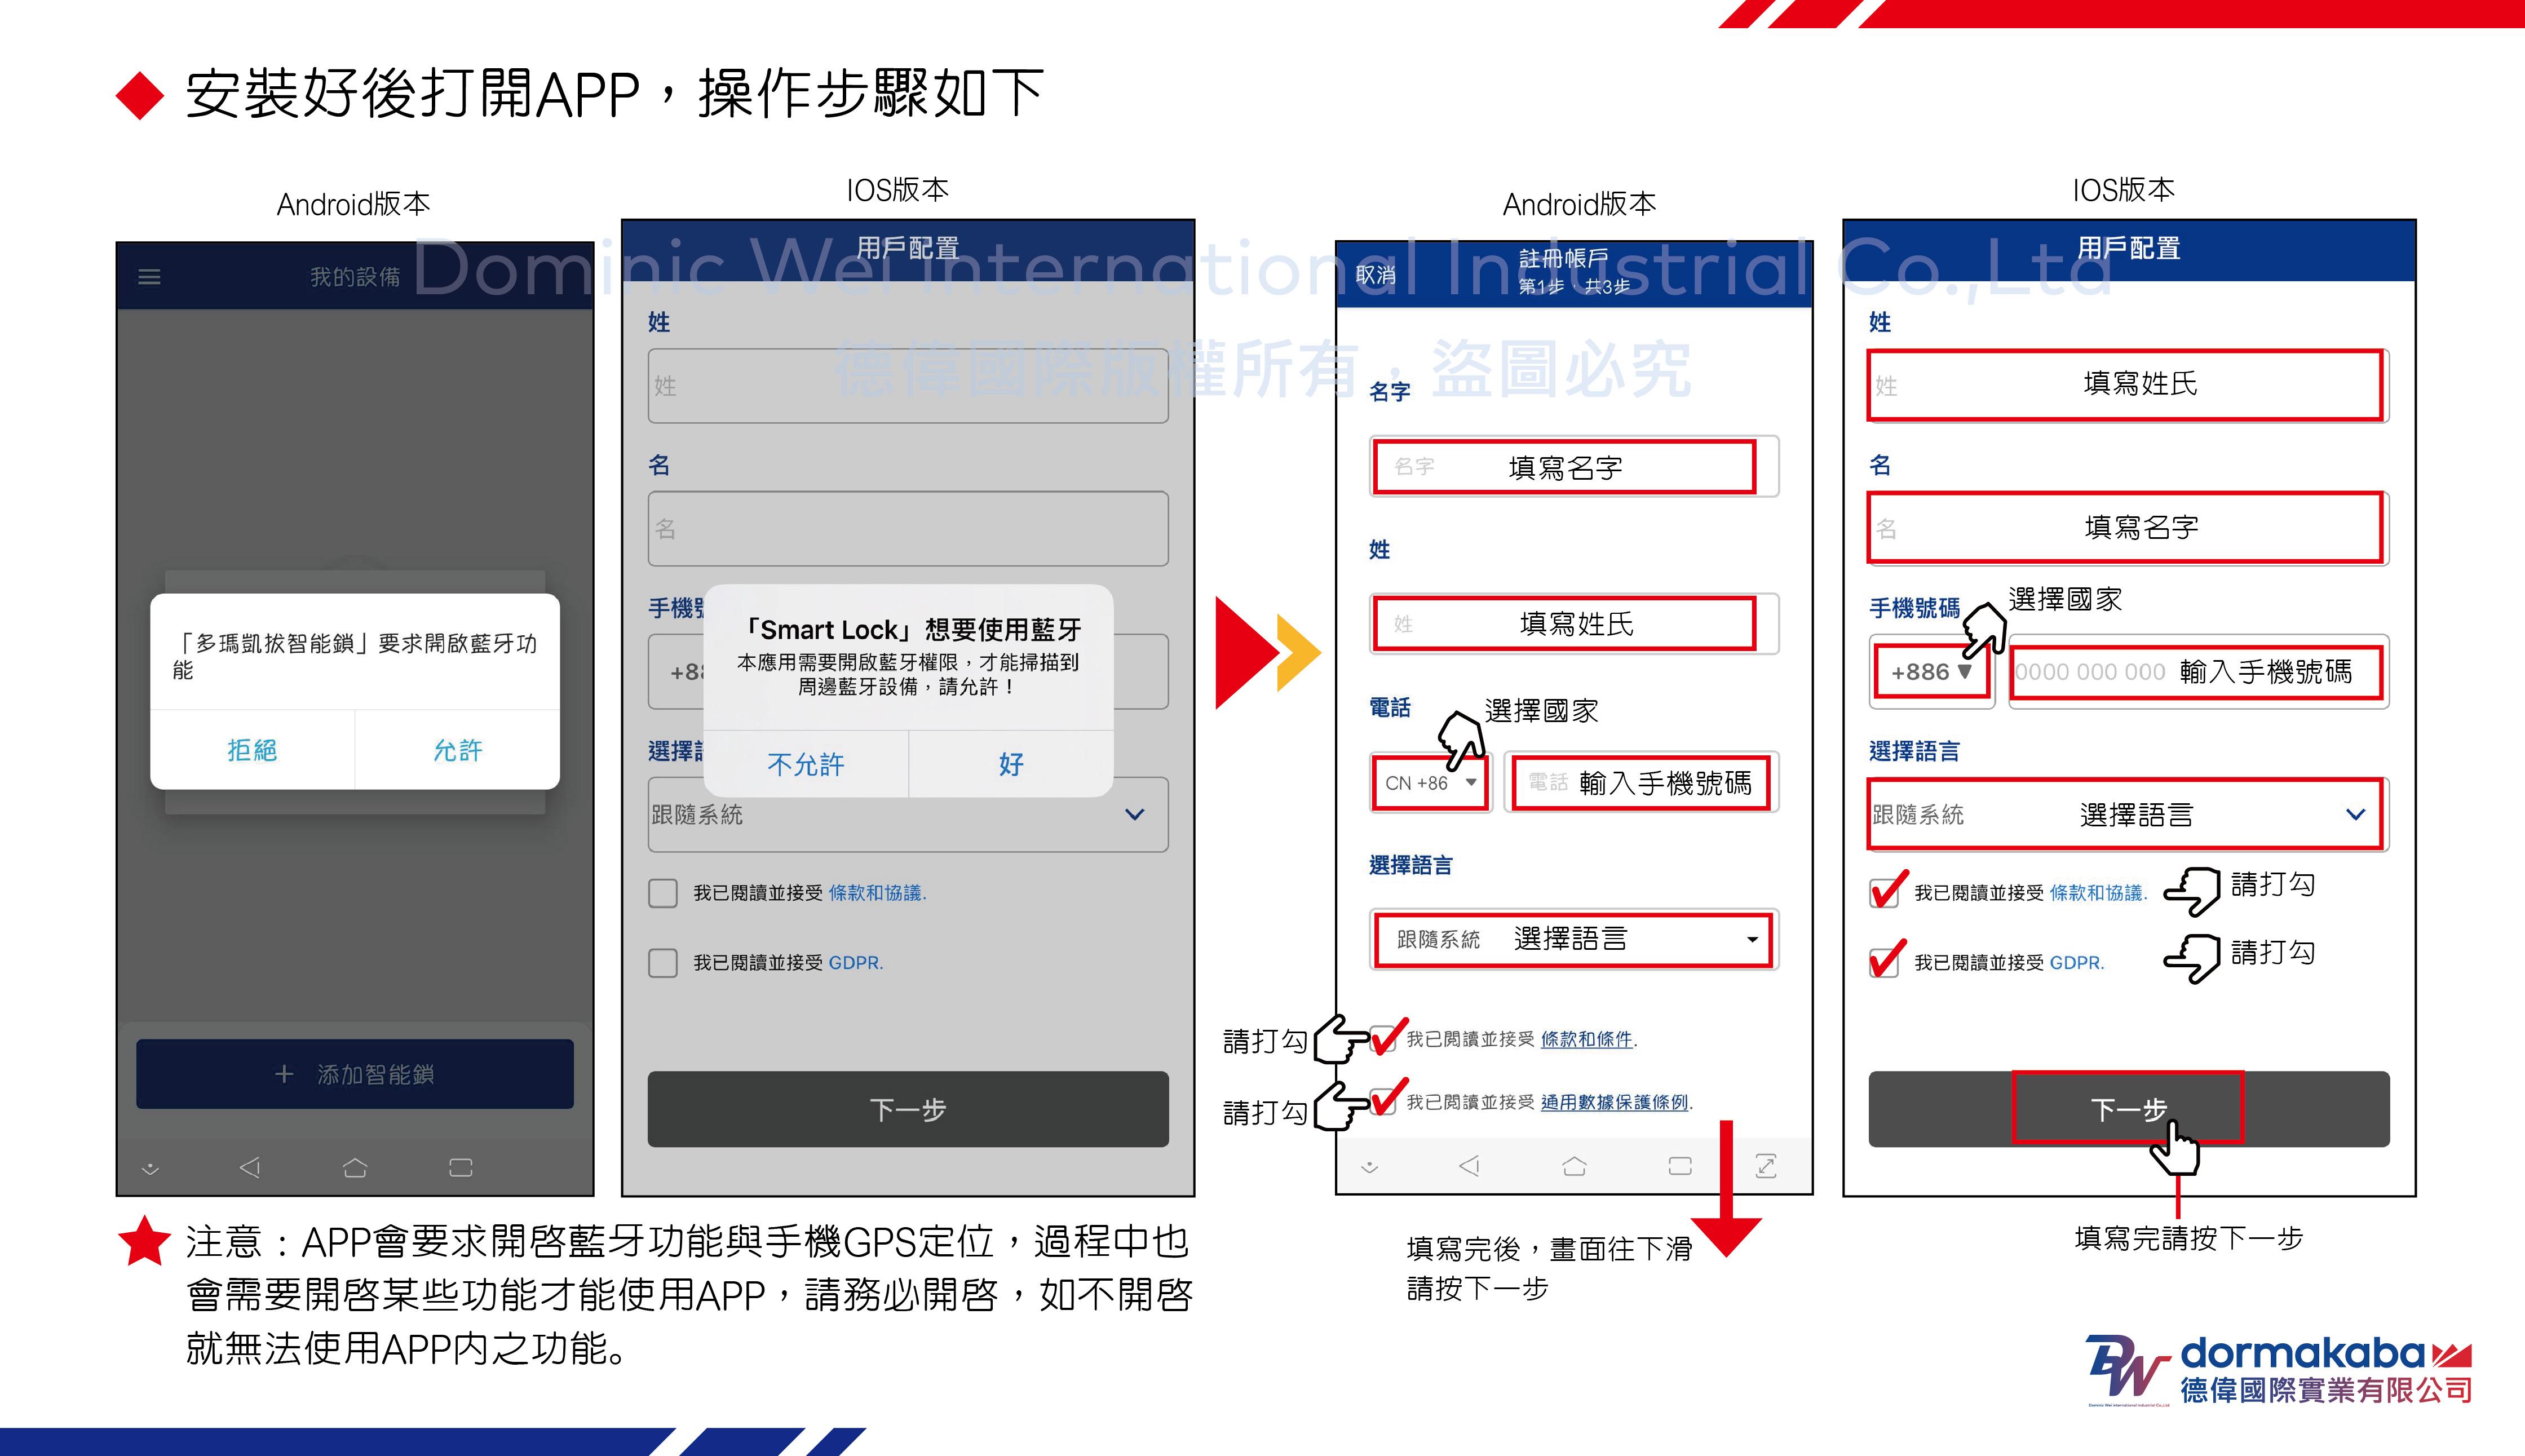 (新版)APP操作說明-02.jpg